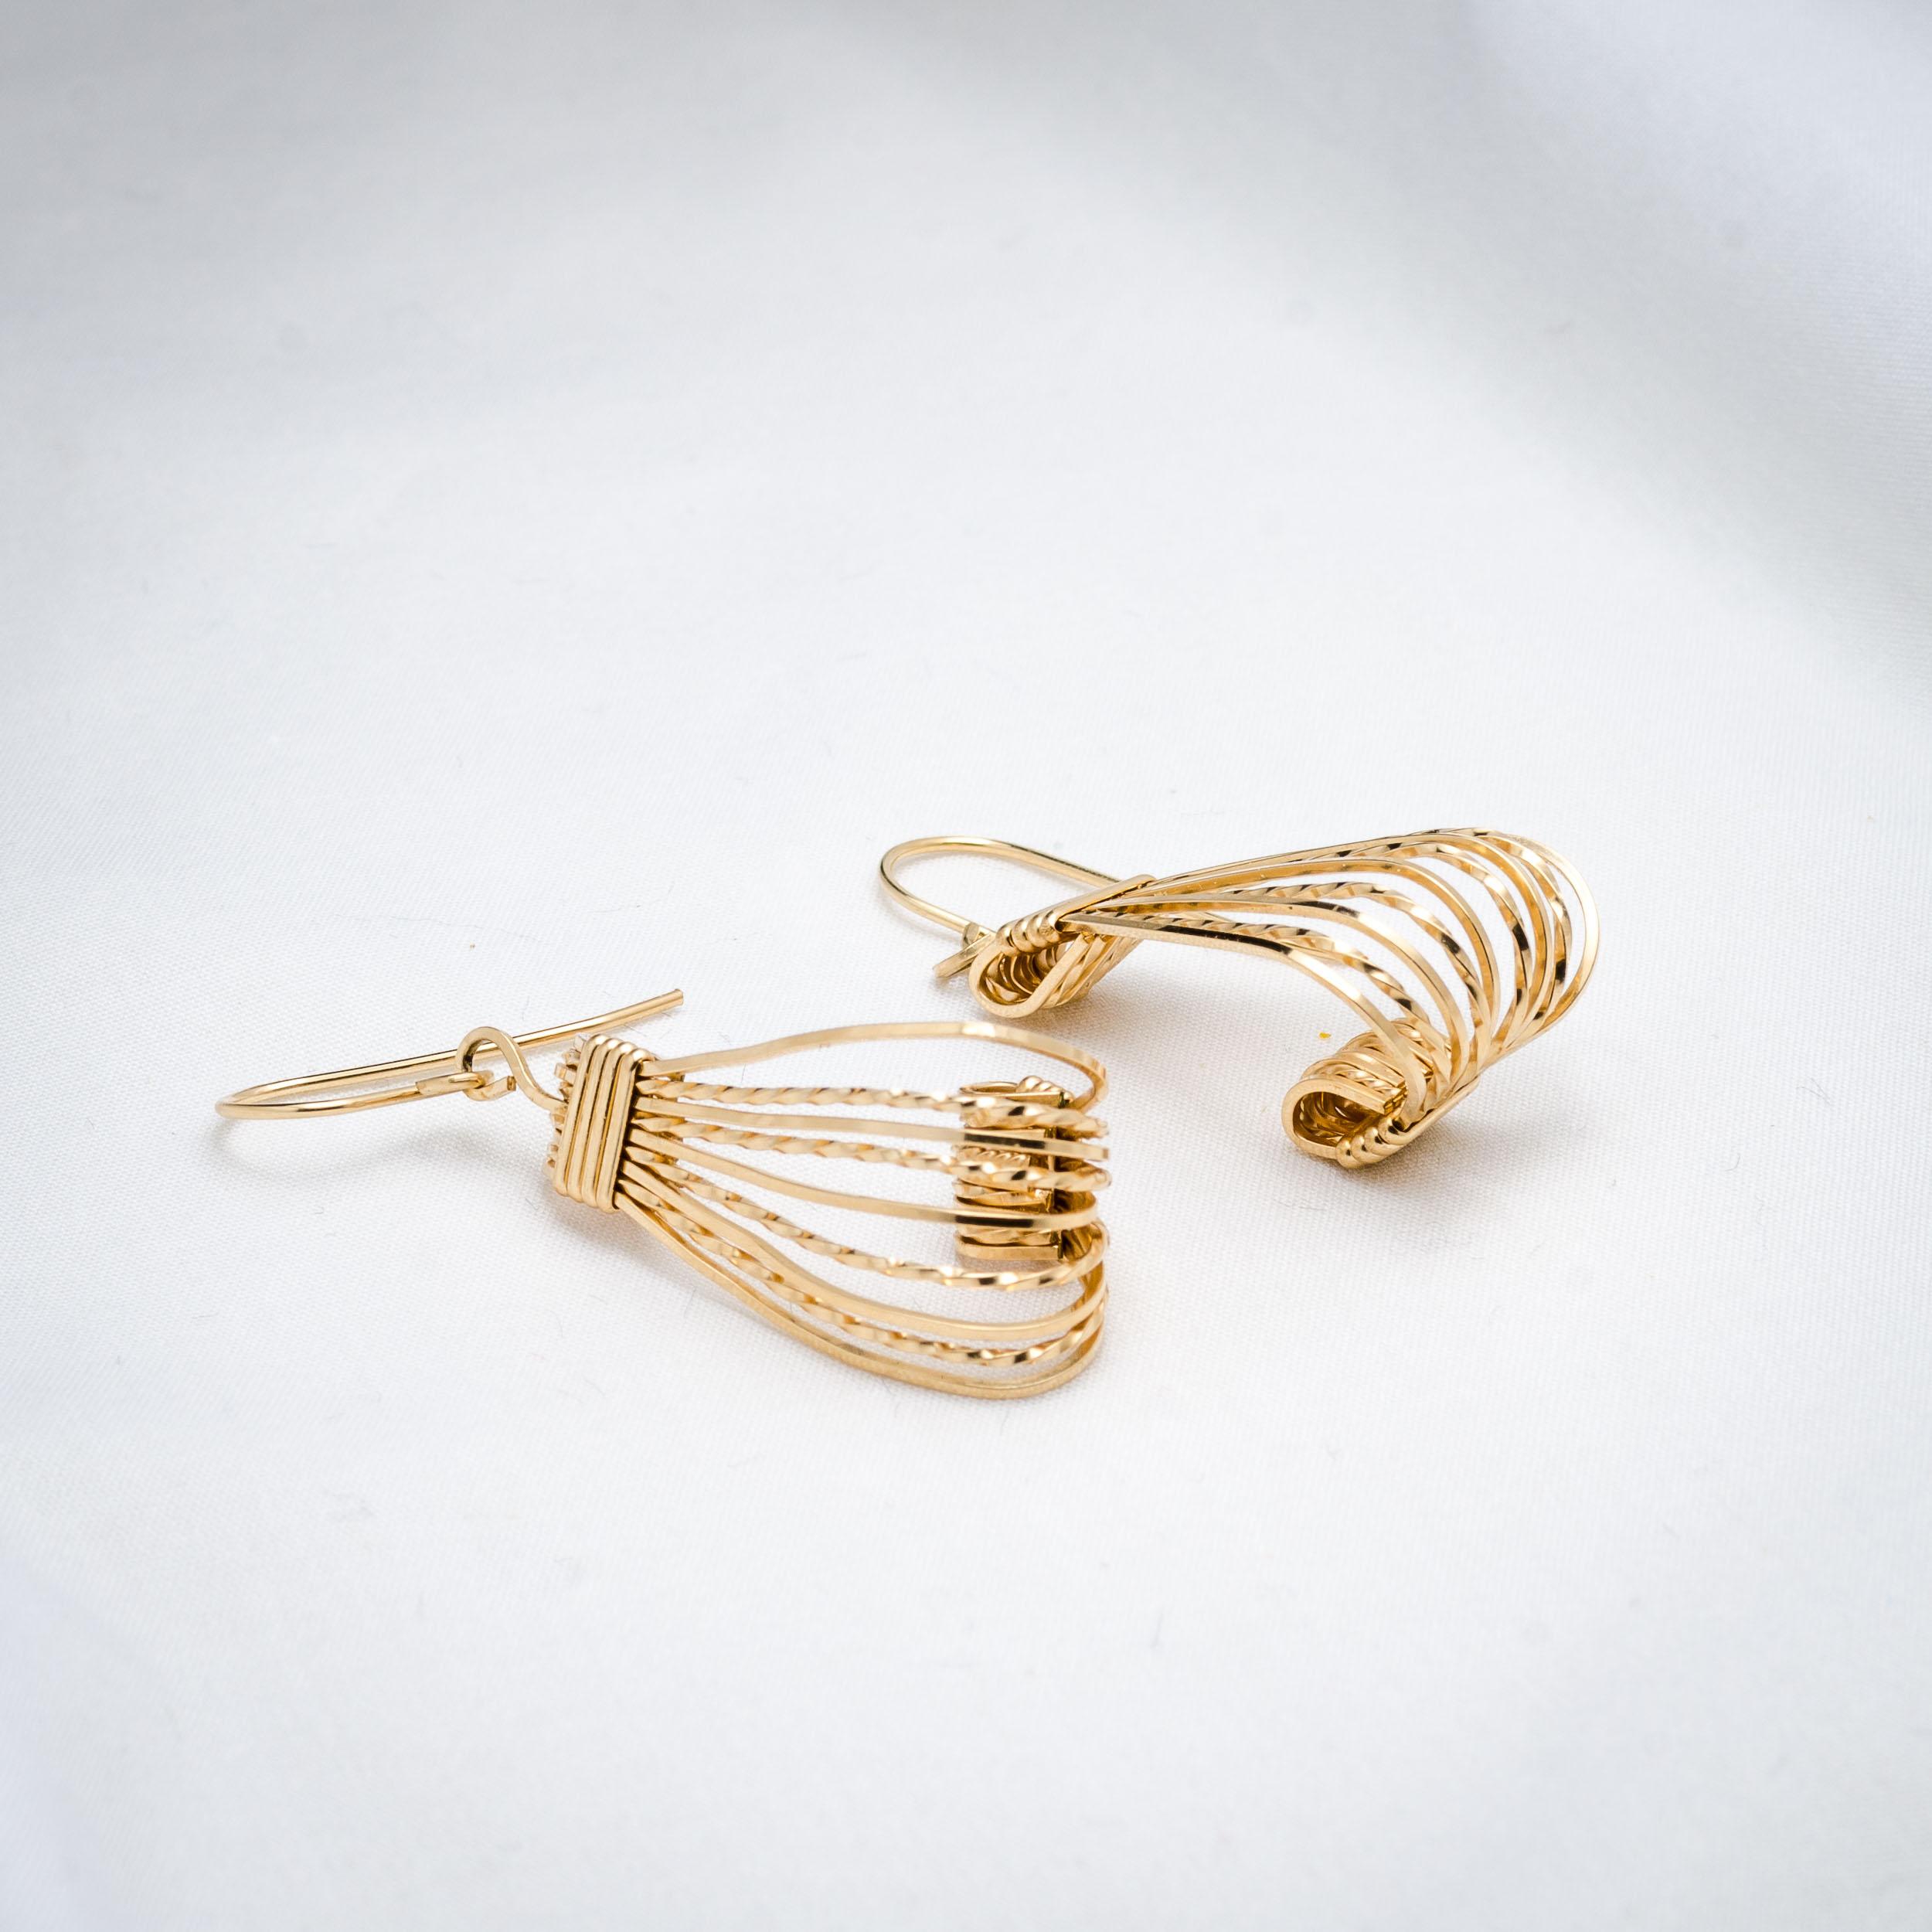 Earrings_102.JPG